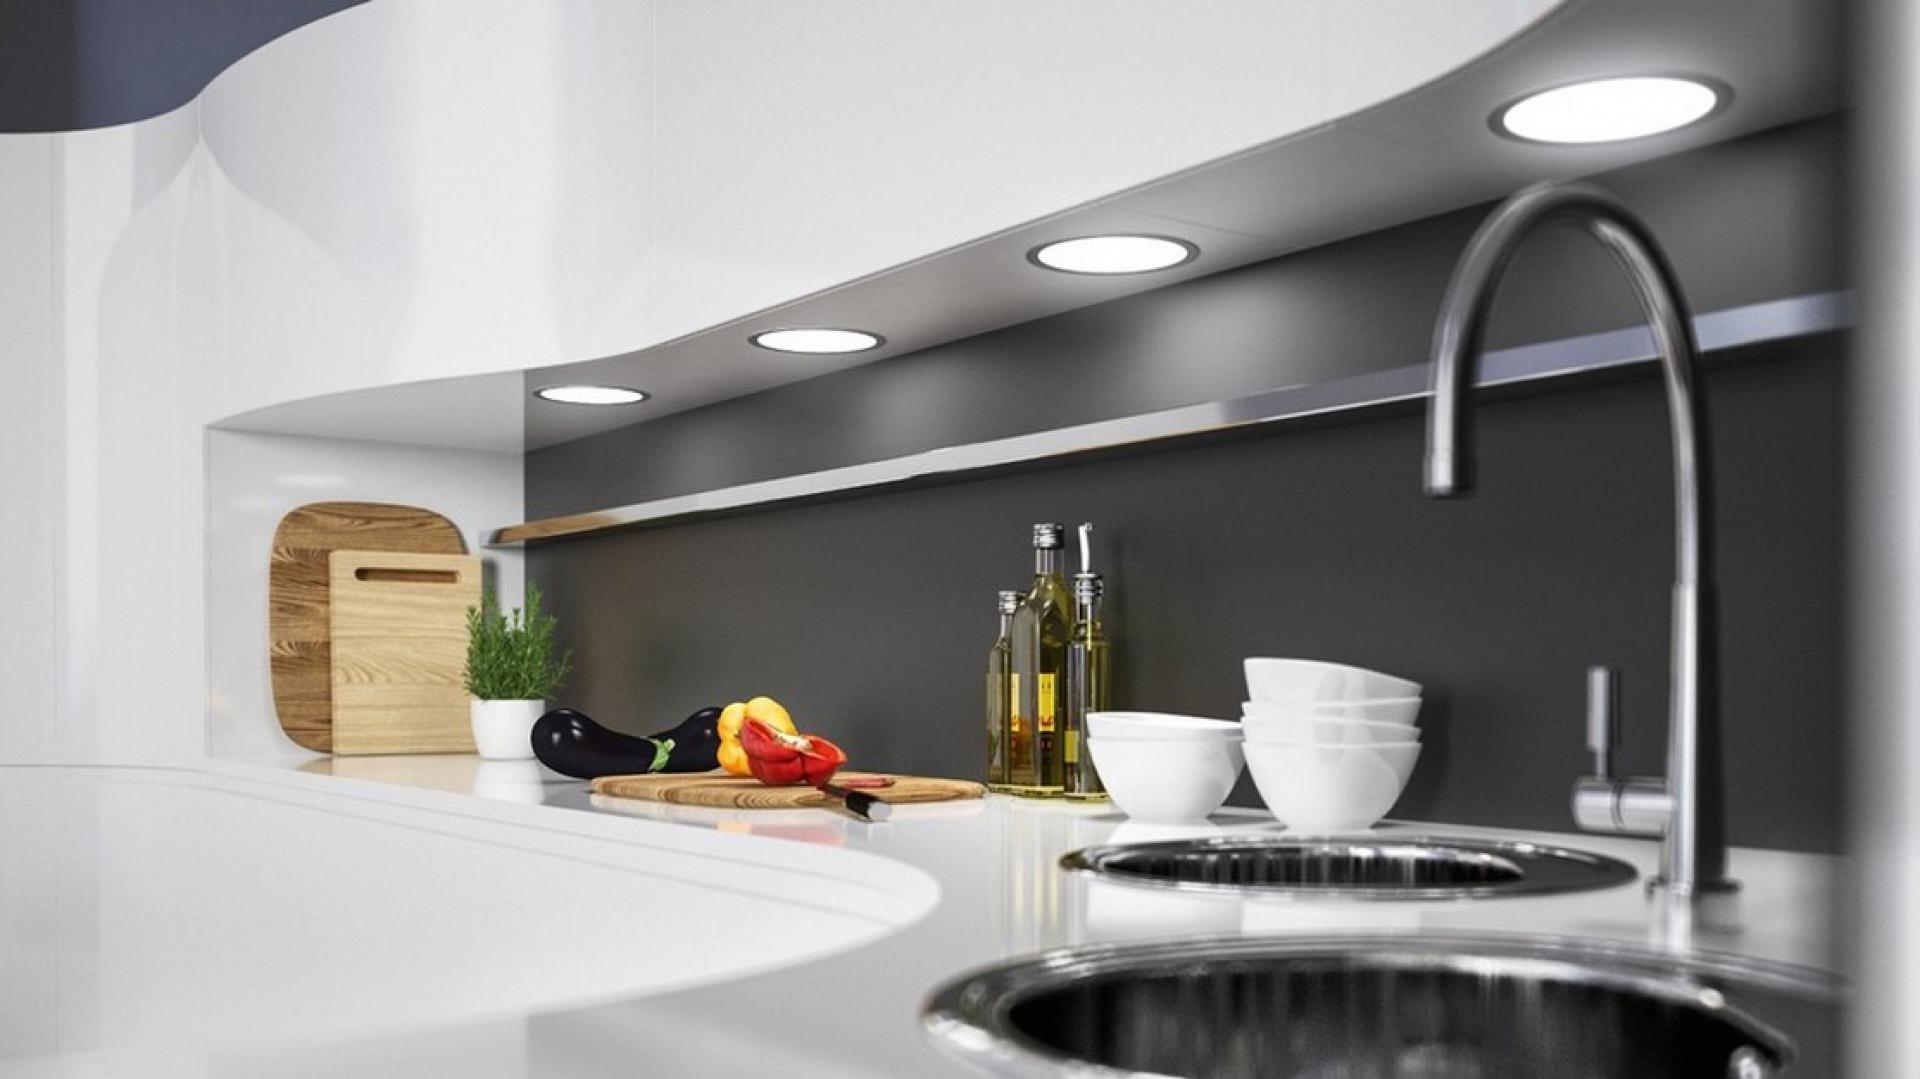 Dowiedz Się Jak Oświetlić Kuchnię